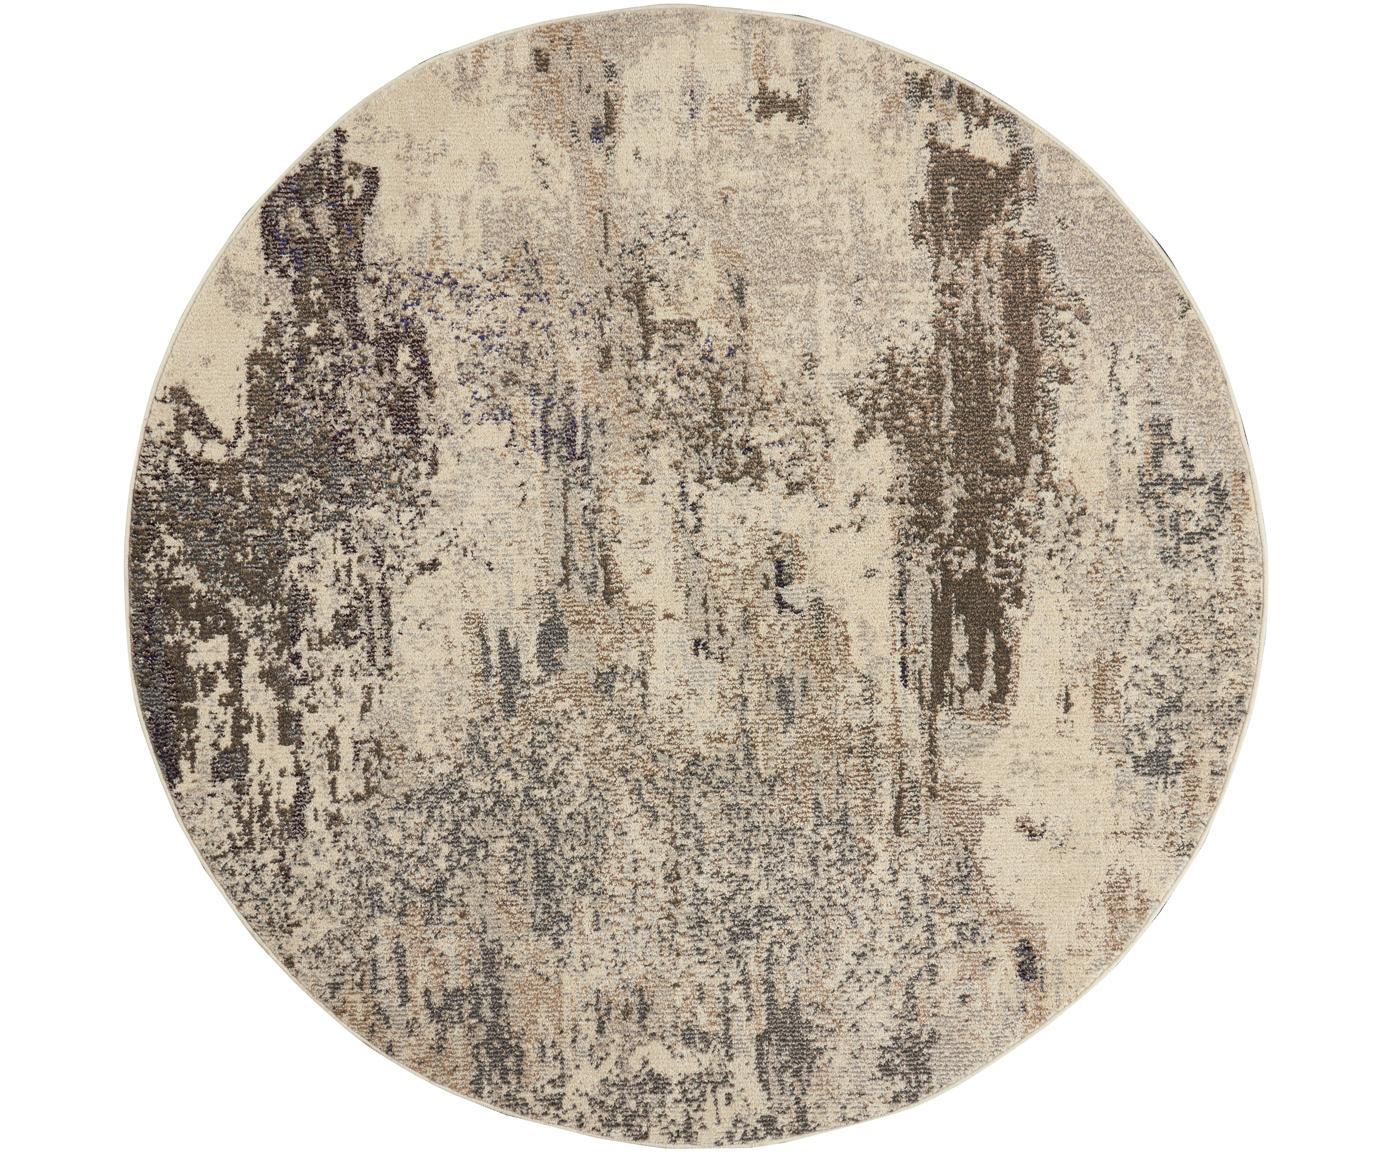 Dywan Celestial, Odcienie beżowego, Ø 160 cm (Rozmiar L)